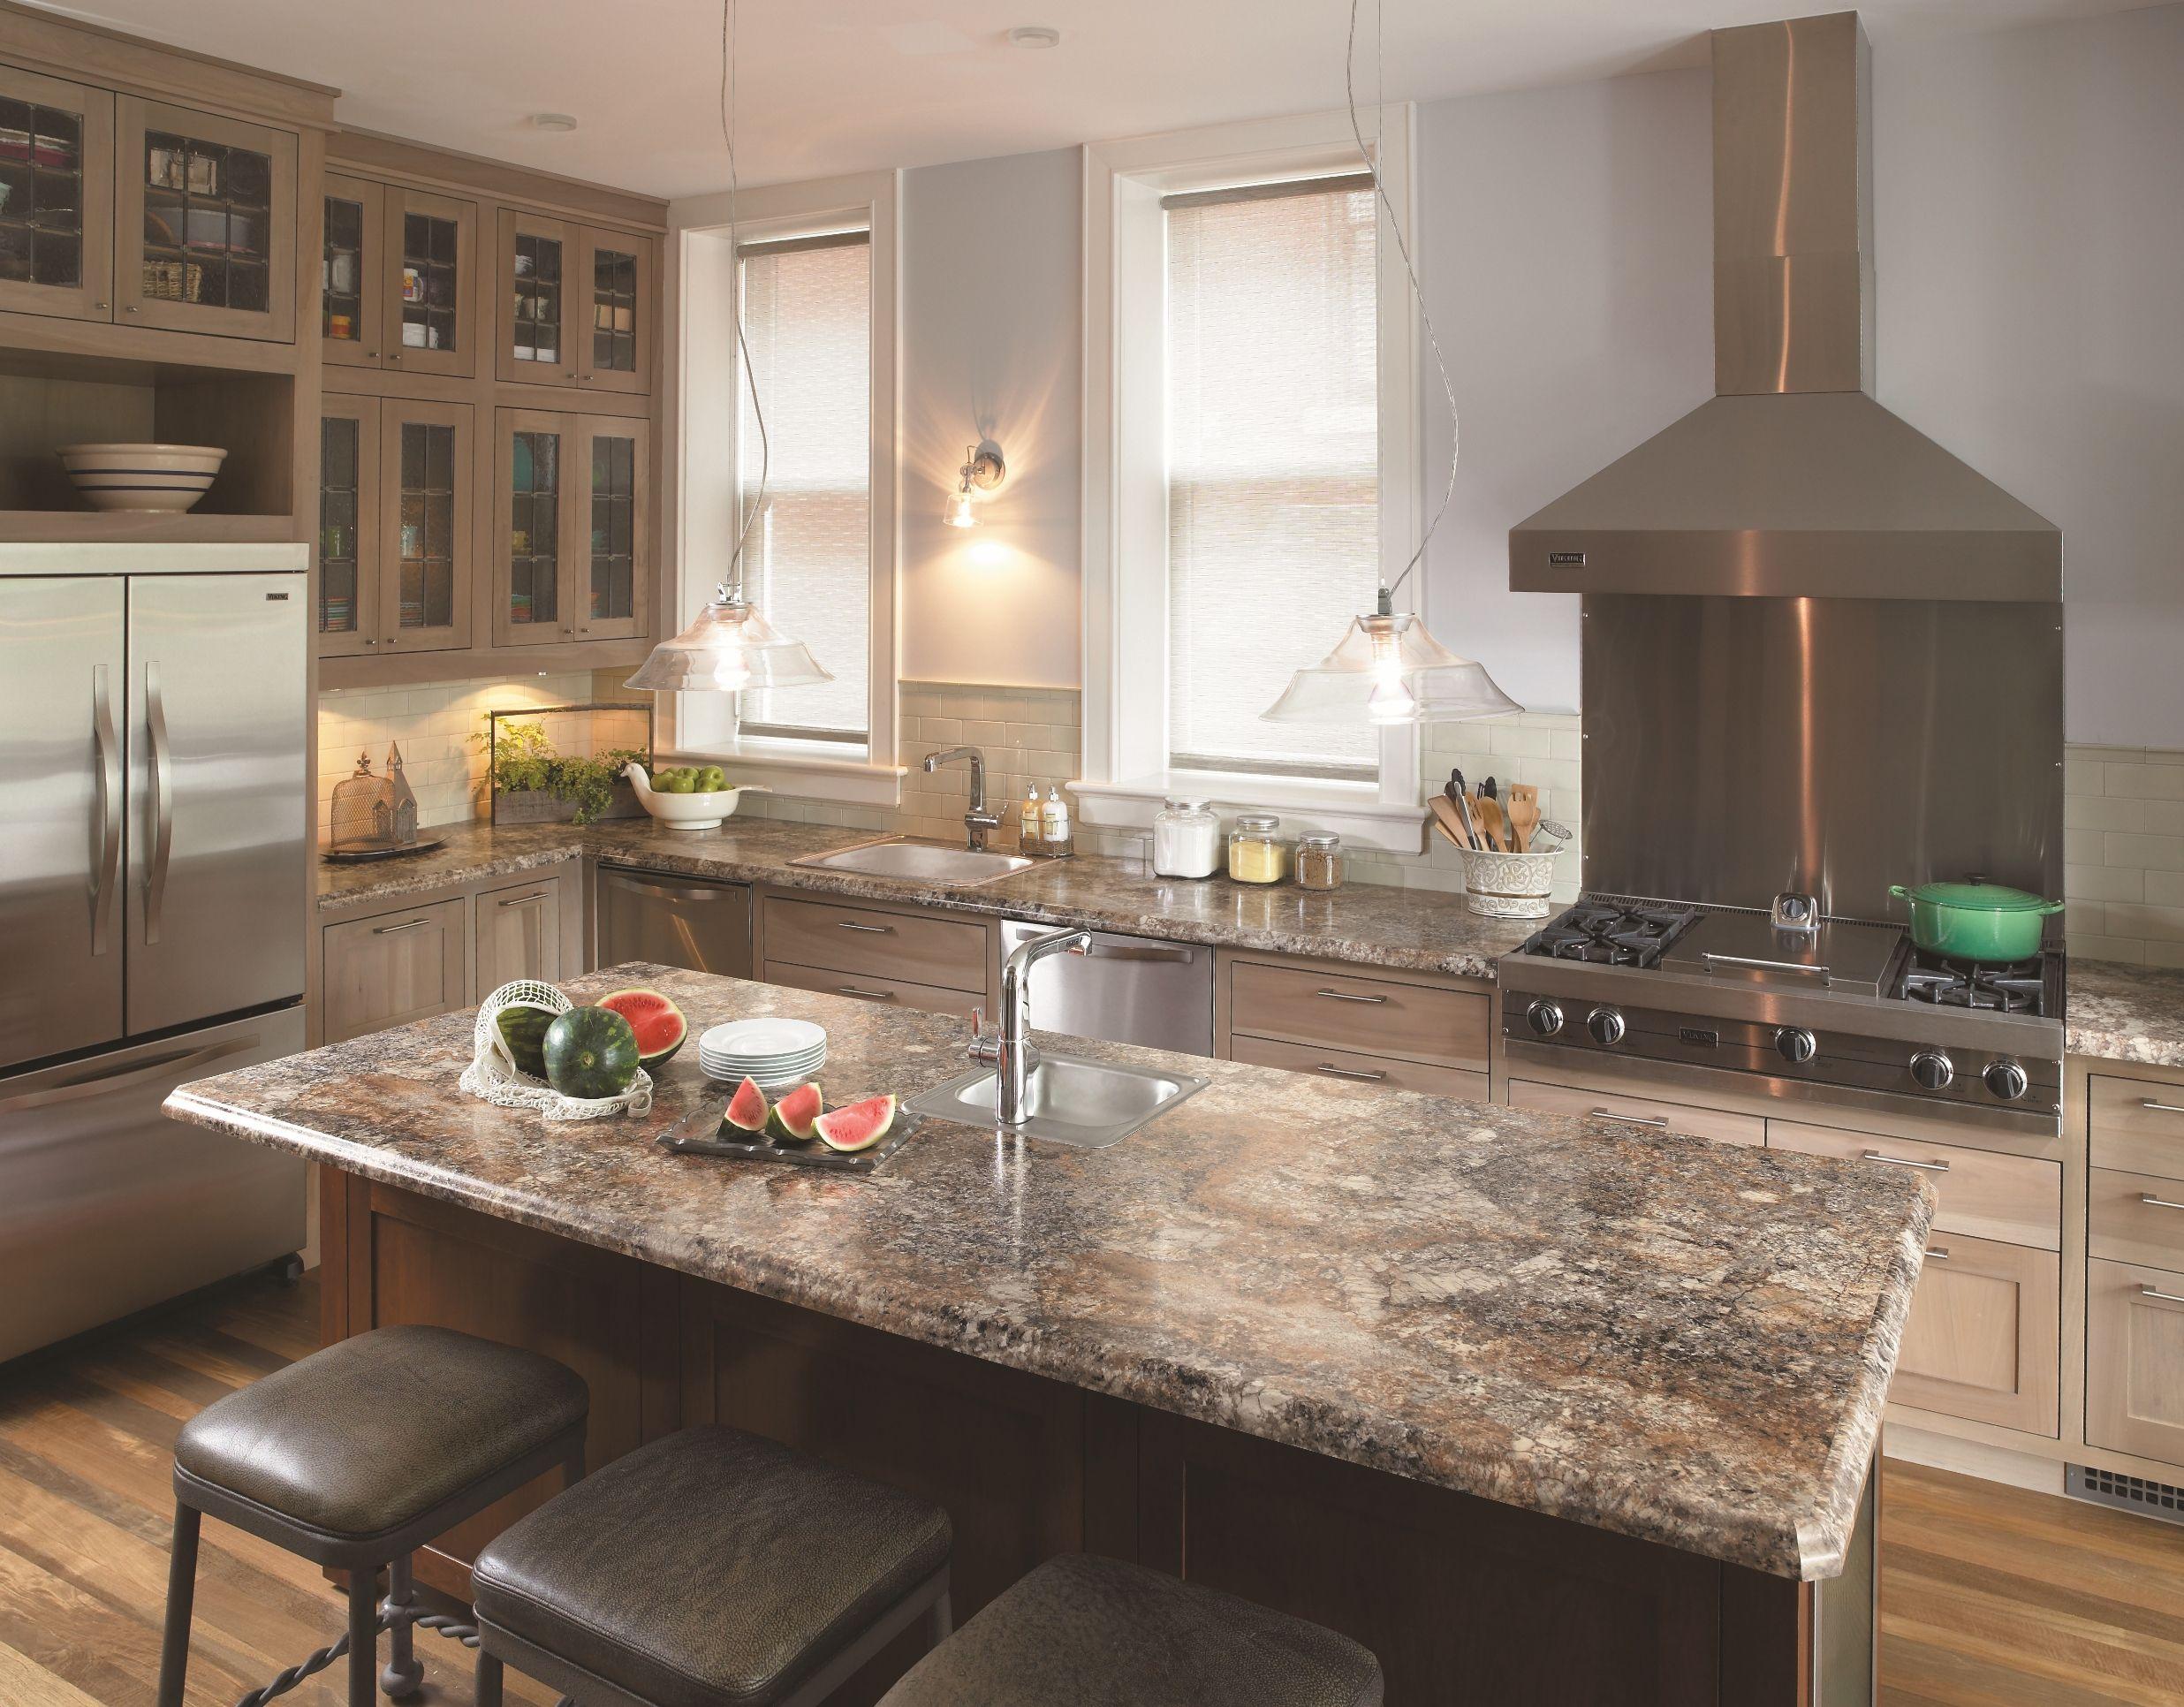 mascarello kitchen laminate countertops Kitchen Laminate Countertops That Look Like Granite Kitchen Countertop Remodeling The Countertop Granite Countertops Atlanta plus Kitchens